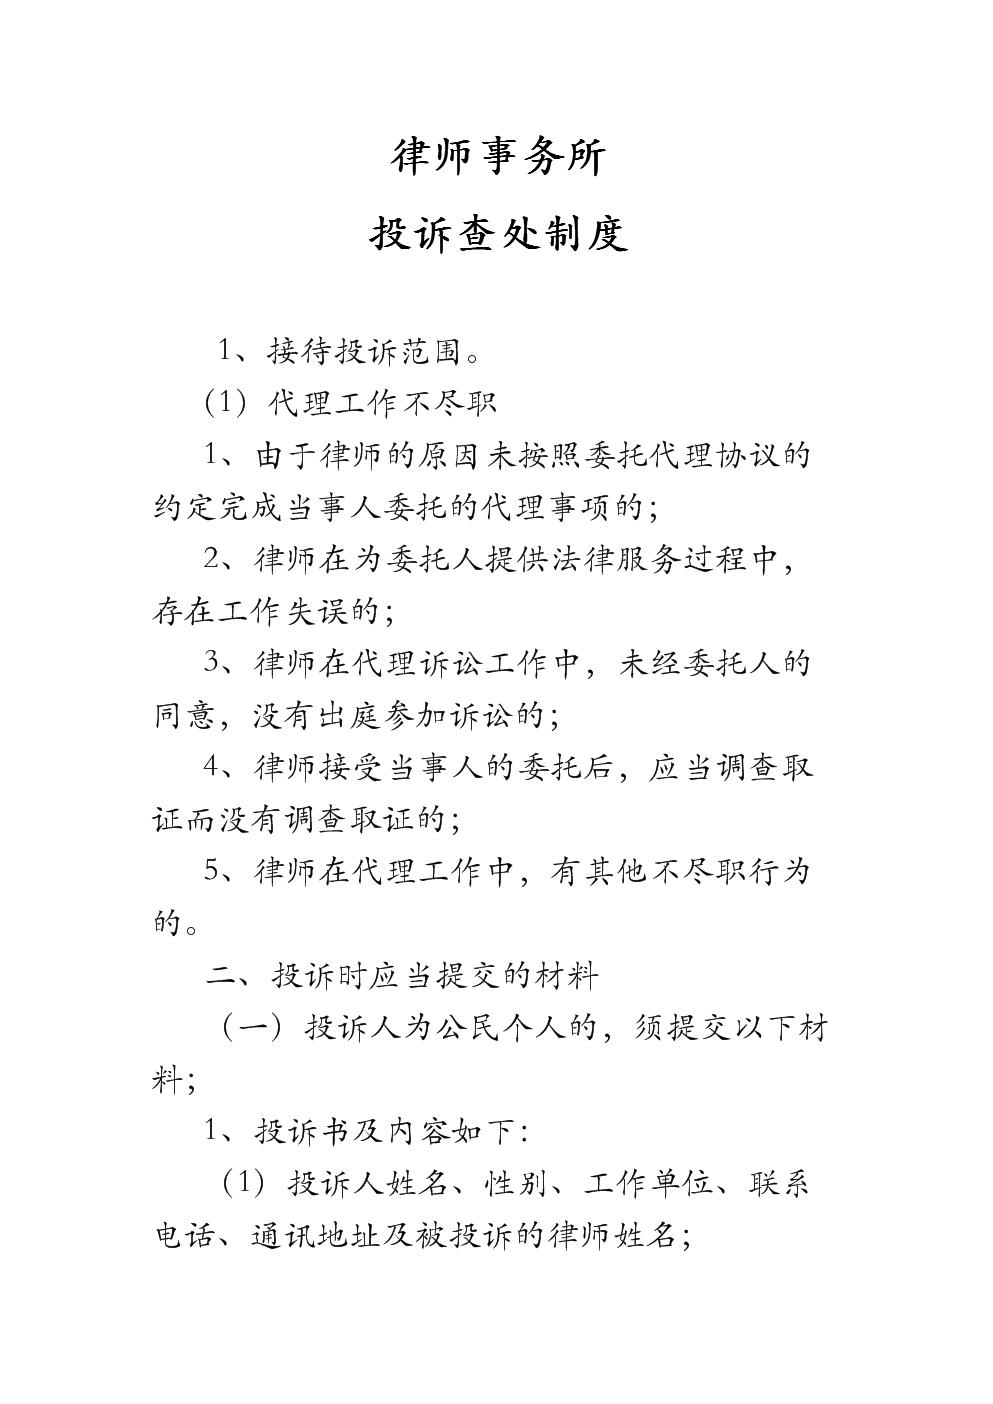 律师事务所投诉查处制度.doc